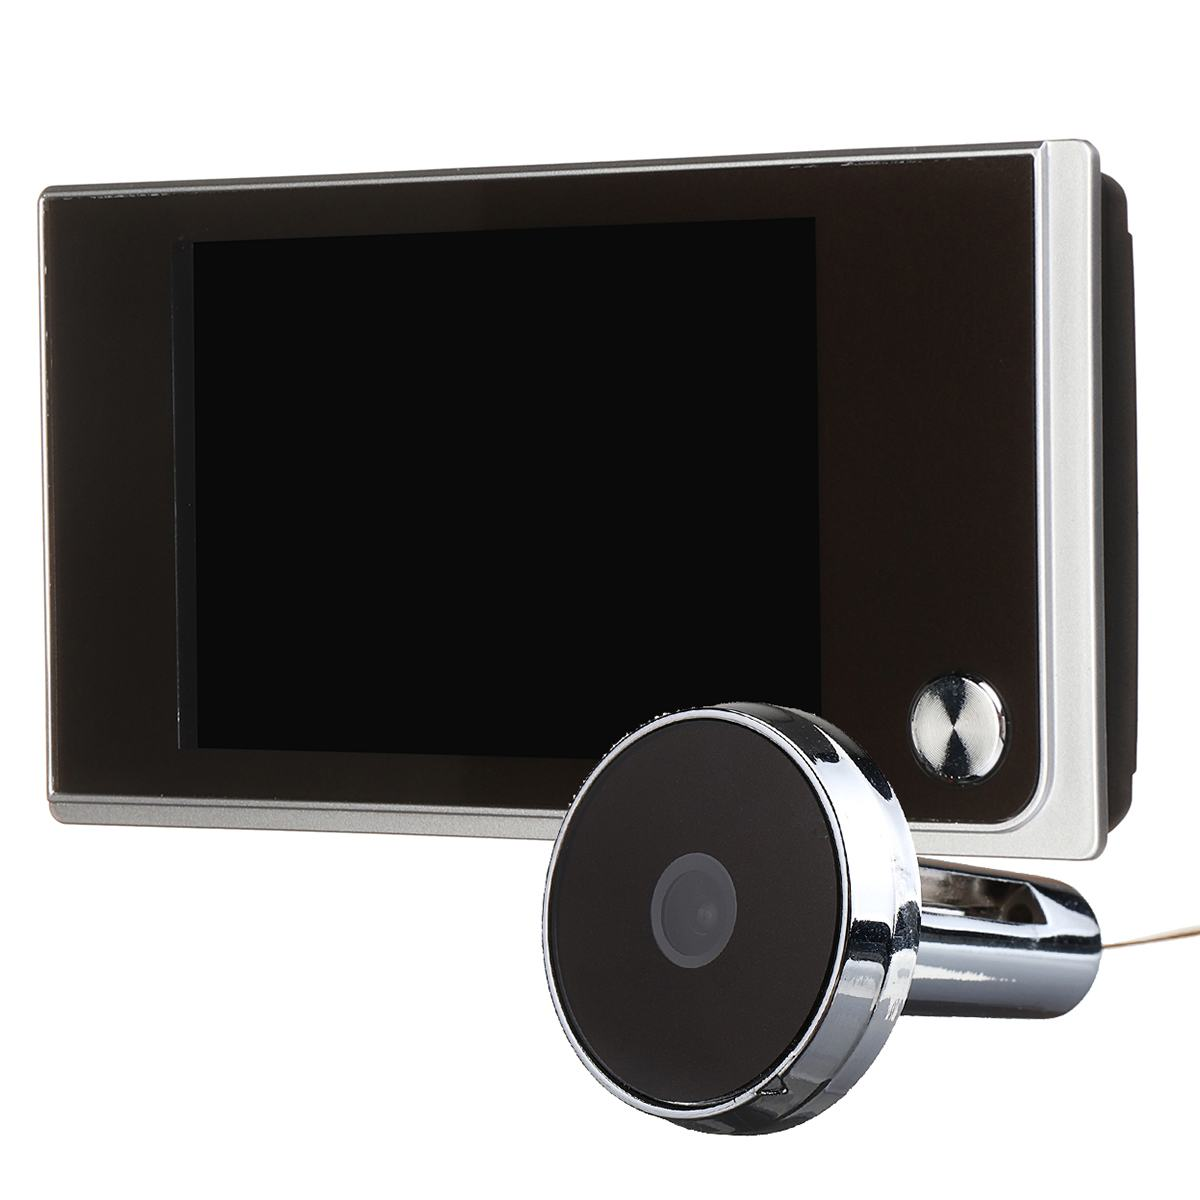 3.5 Inch LCD Digital Video Peephole Doorbell Wireless Home Security Smart Doorbells 120 Degrees View Angle  Apartment Doorbell